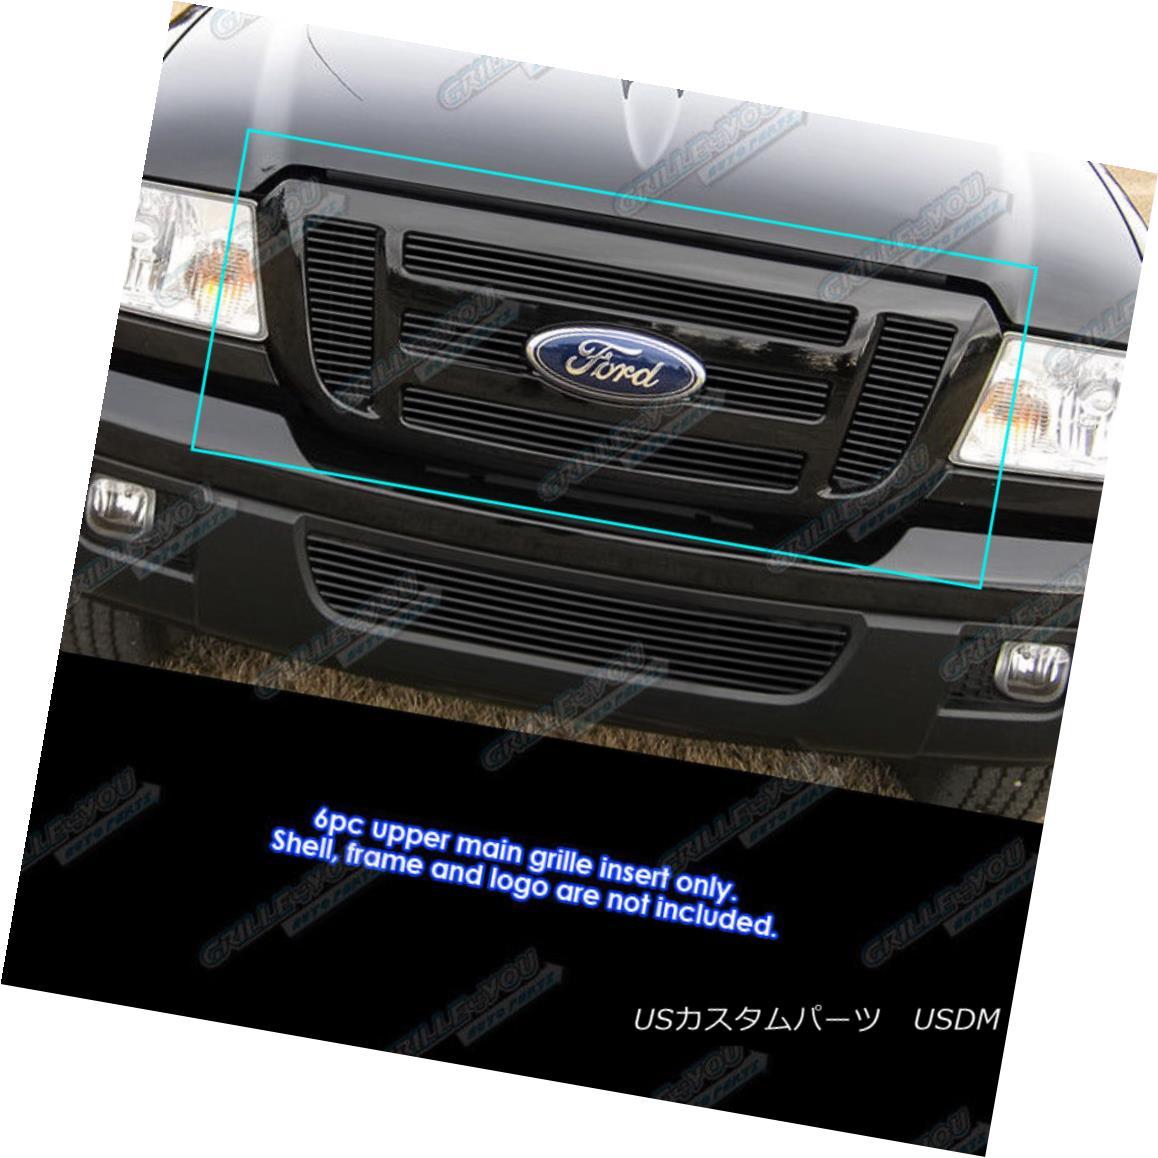 グリル Fits 2006-2012 Ford Ranger FX4/XL/XLT Black Billet Grille Insert for 6 Panel 2006年から2012年までのフォードレンジャーFX4 / XL / XLT 6パネル用のブラックビレットグリルインサート